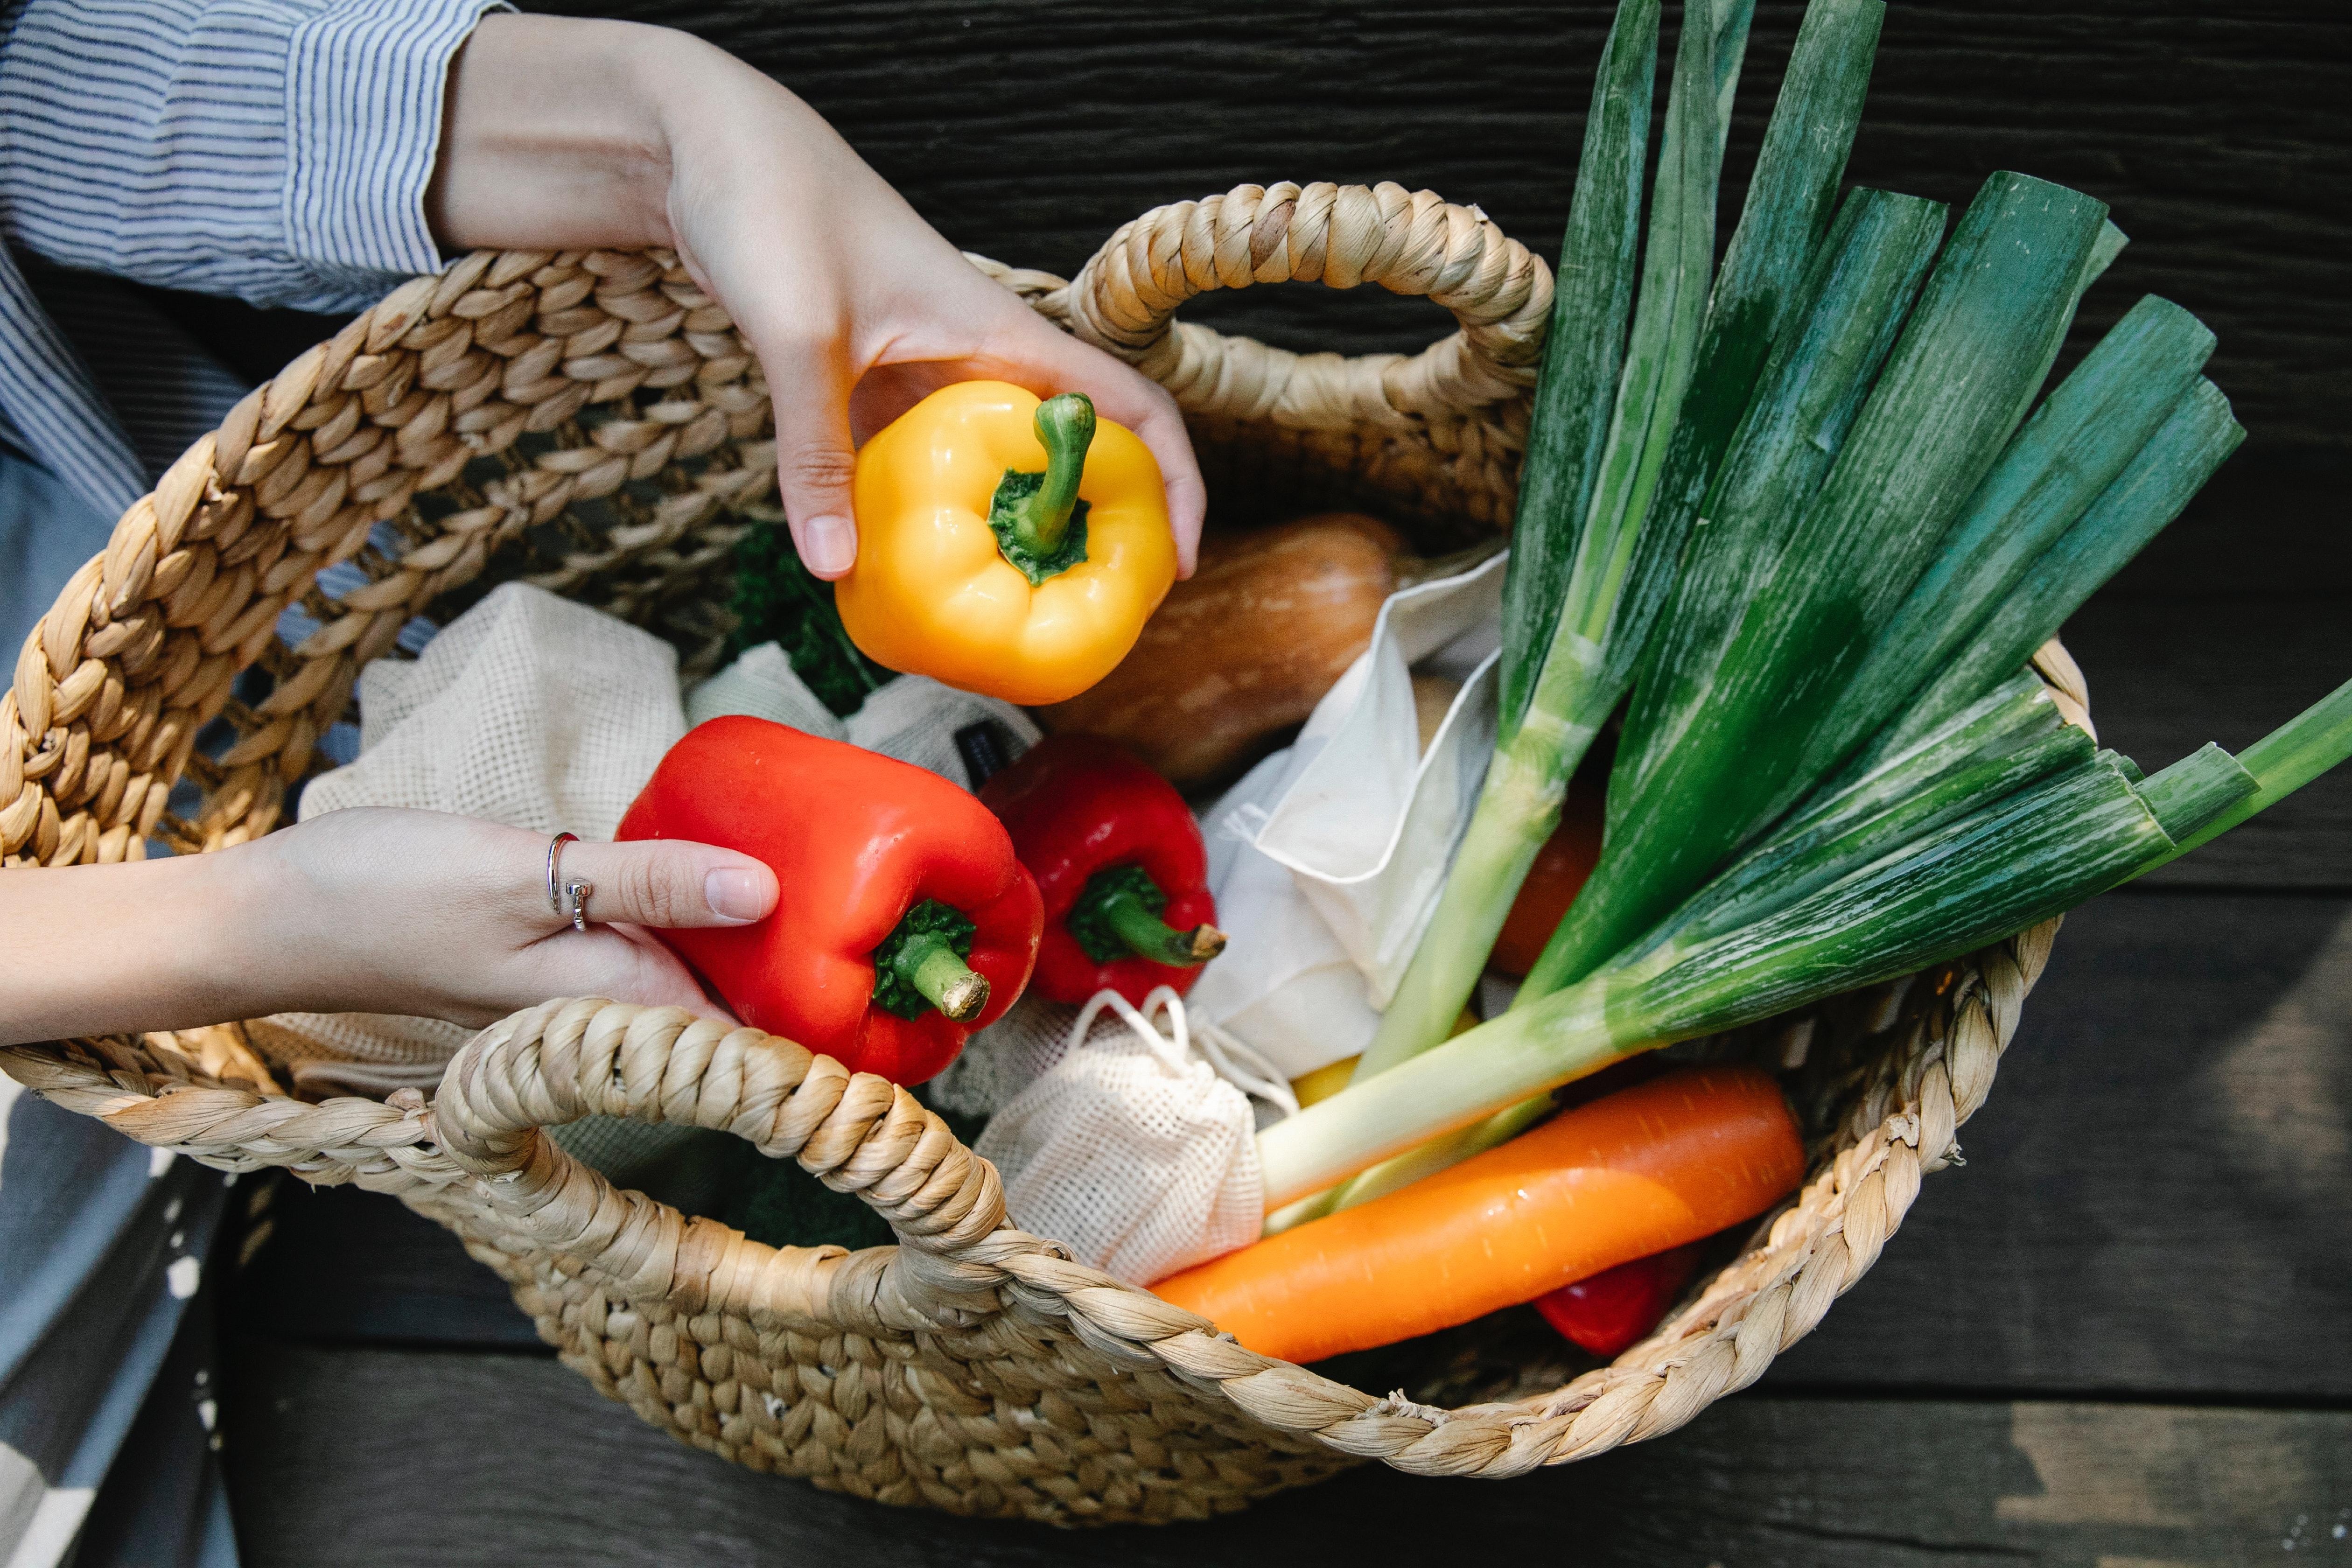 蔬果 無添加料理 親子料理 親子共食 炊飯食譜 DIY食譜